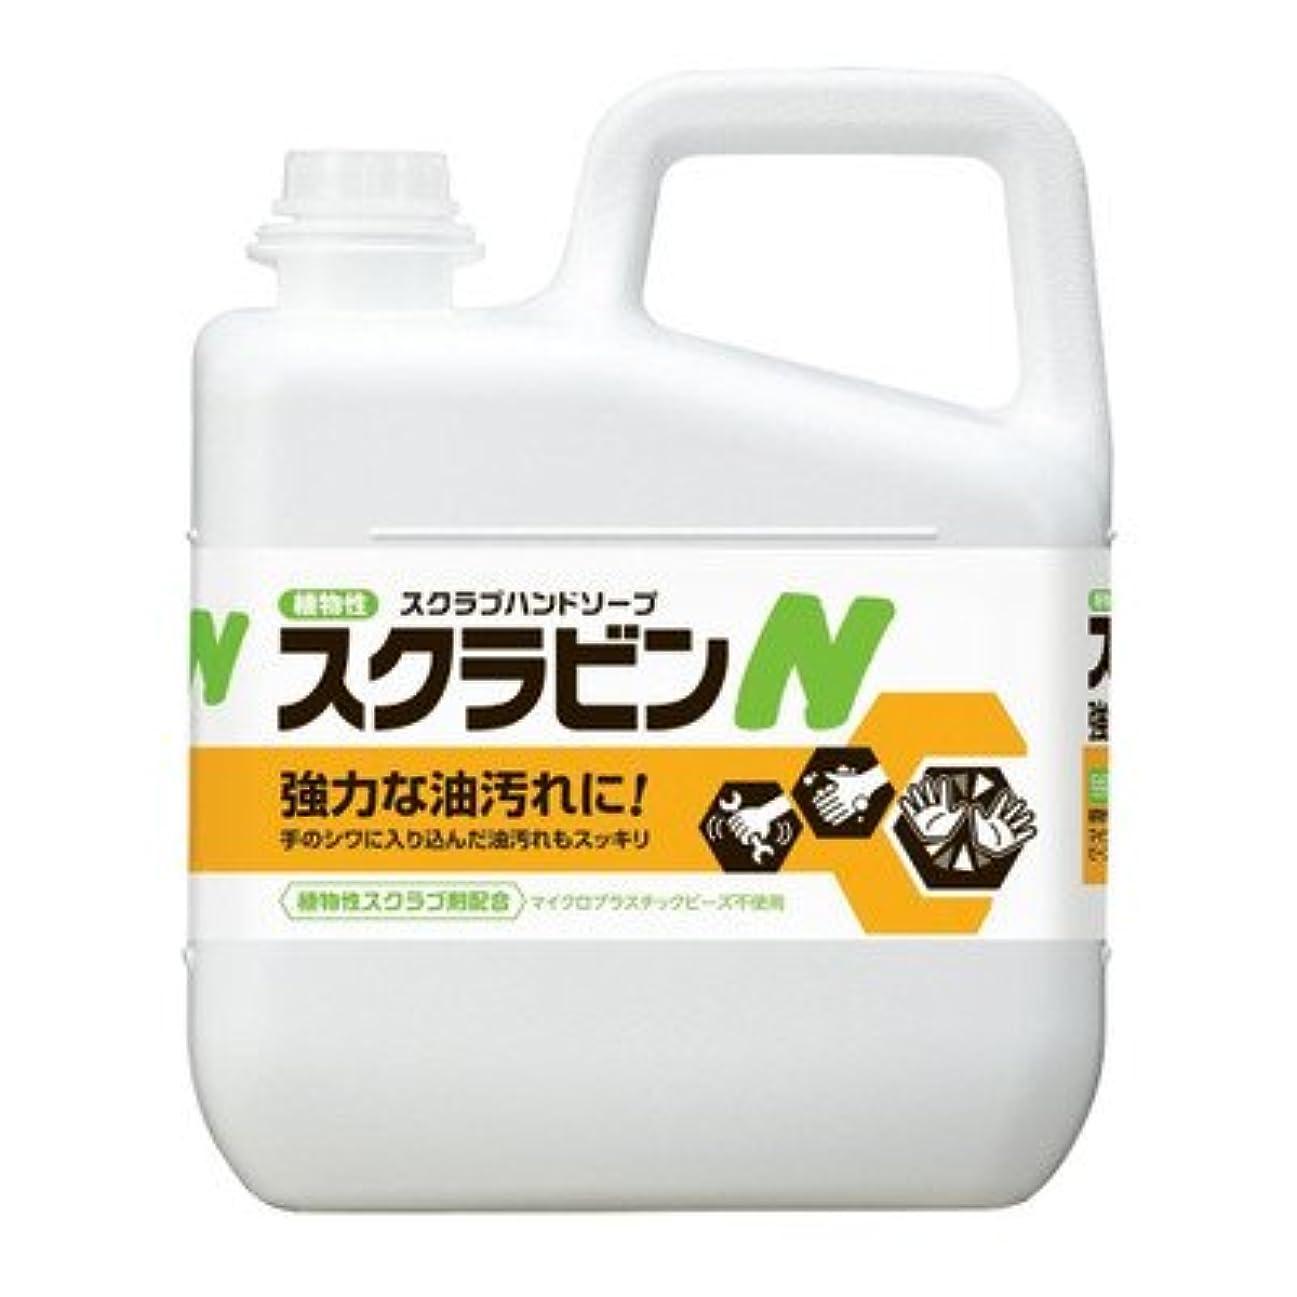 治すペルメル物思いにふける環境と手肌に優しく油汚れを落とす植物性スクラブハンドソープ サラヤ 植物性スクラブハンドソープ スクラビンN 5kg 23155